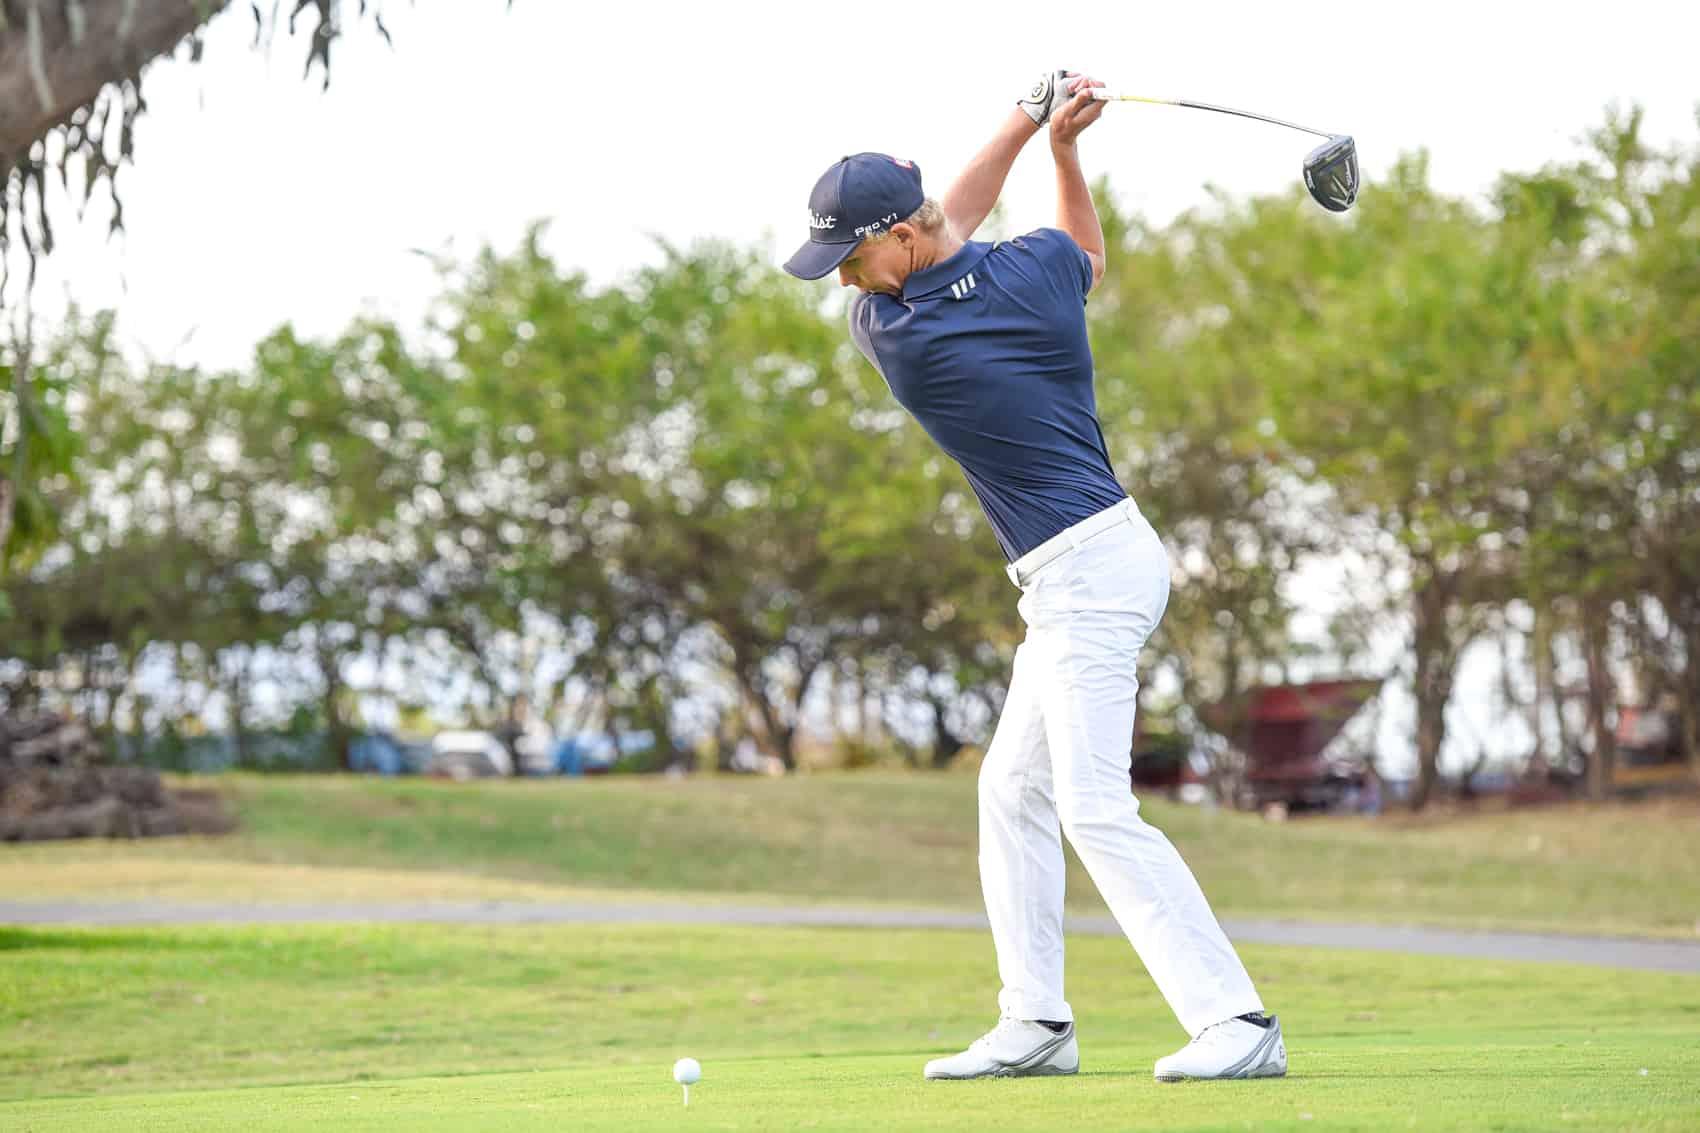 Paul Chaplet swing